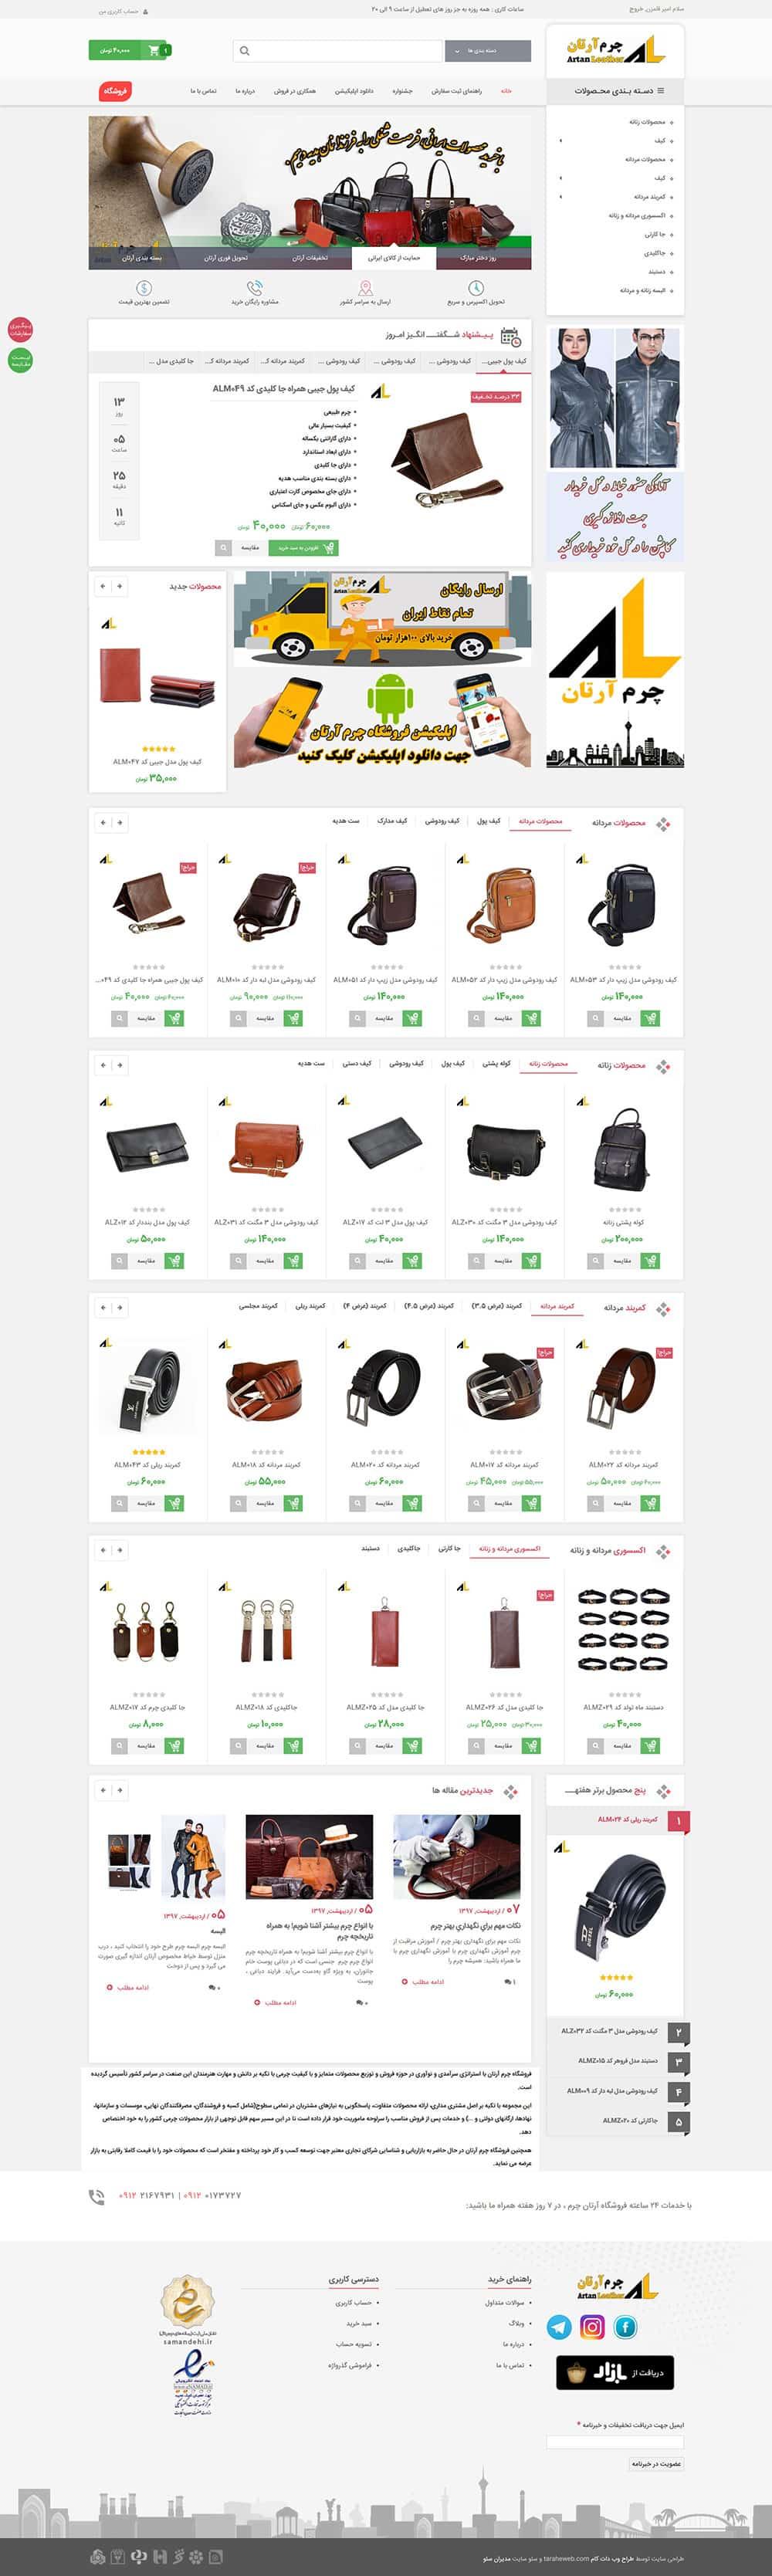 طراحی سایت فروشگاهی چرم آرتان